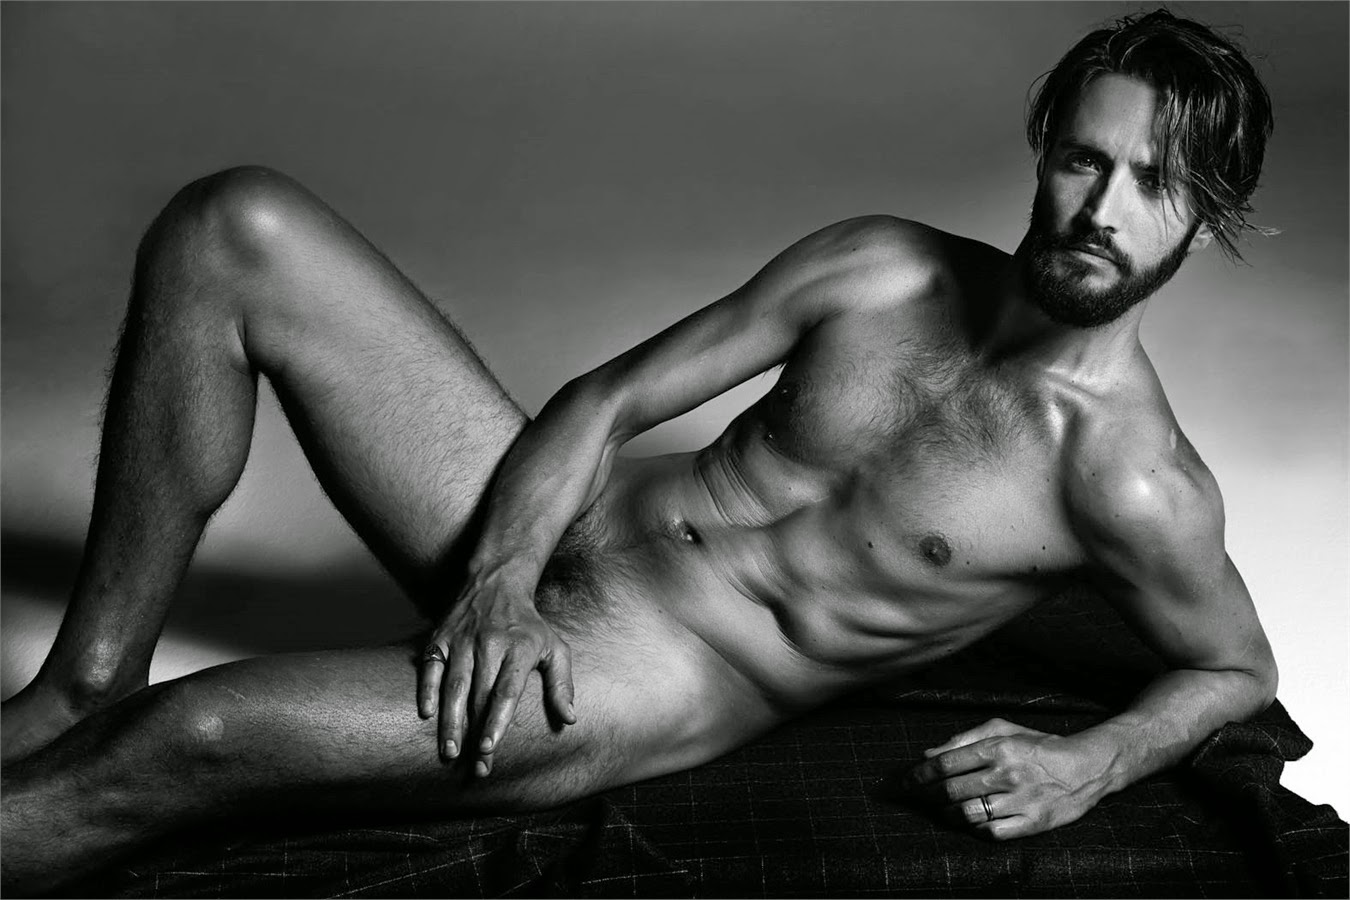 alex+belli+nudo